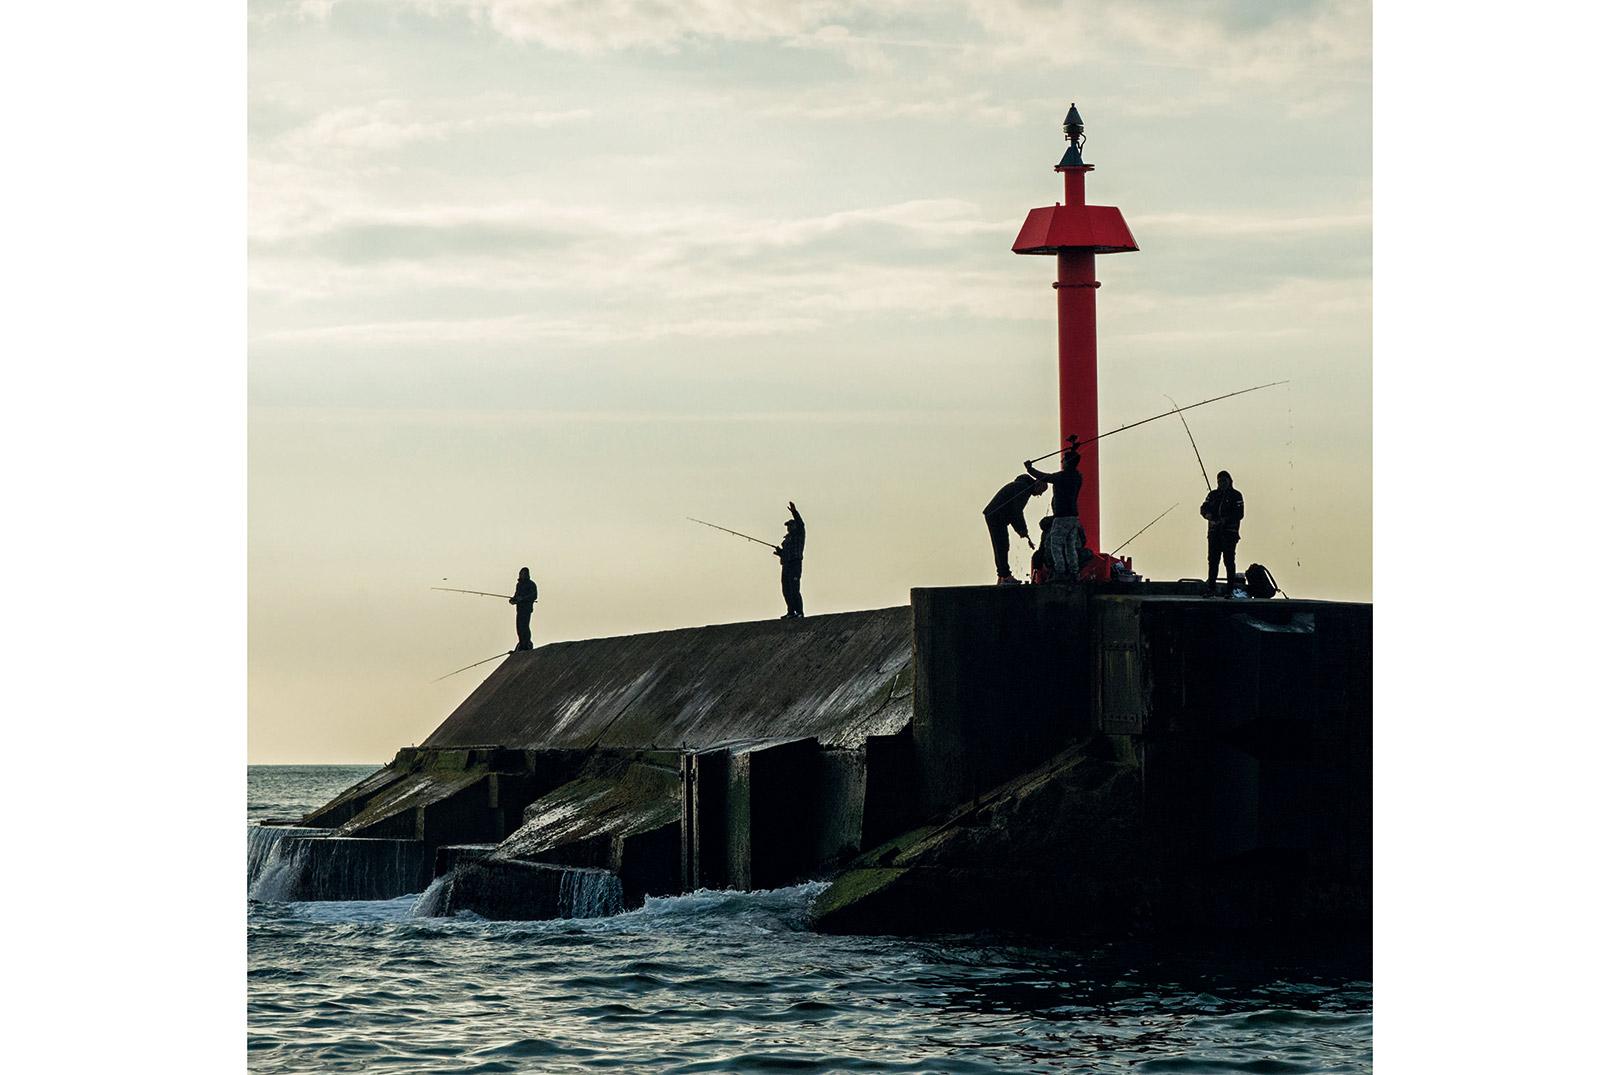 Morgenstund på ydermolen. Det gælder om at være på plads, når havet er roligt.